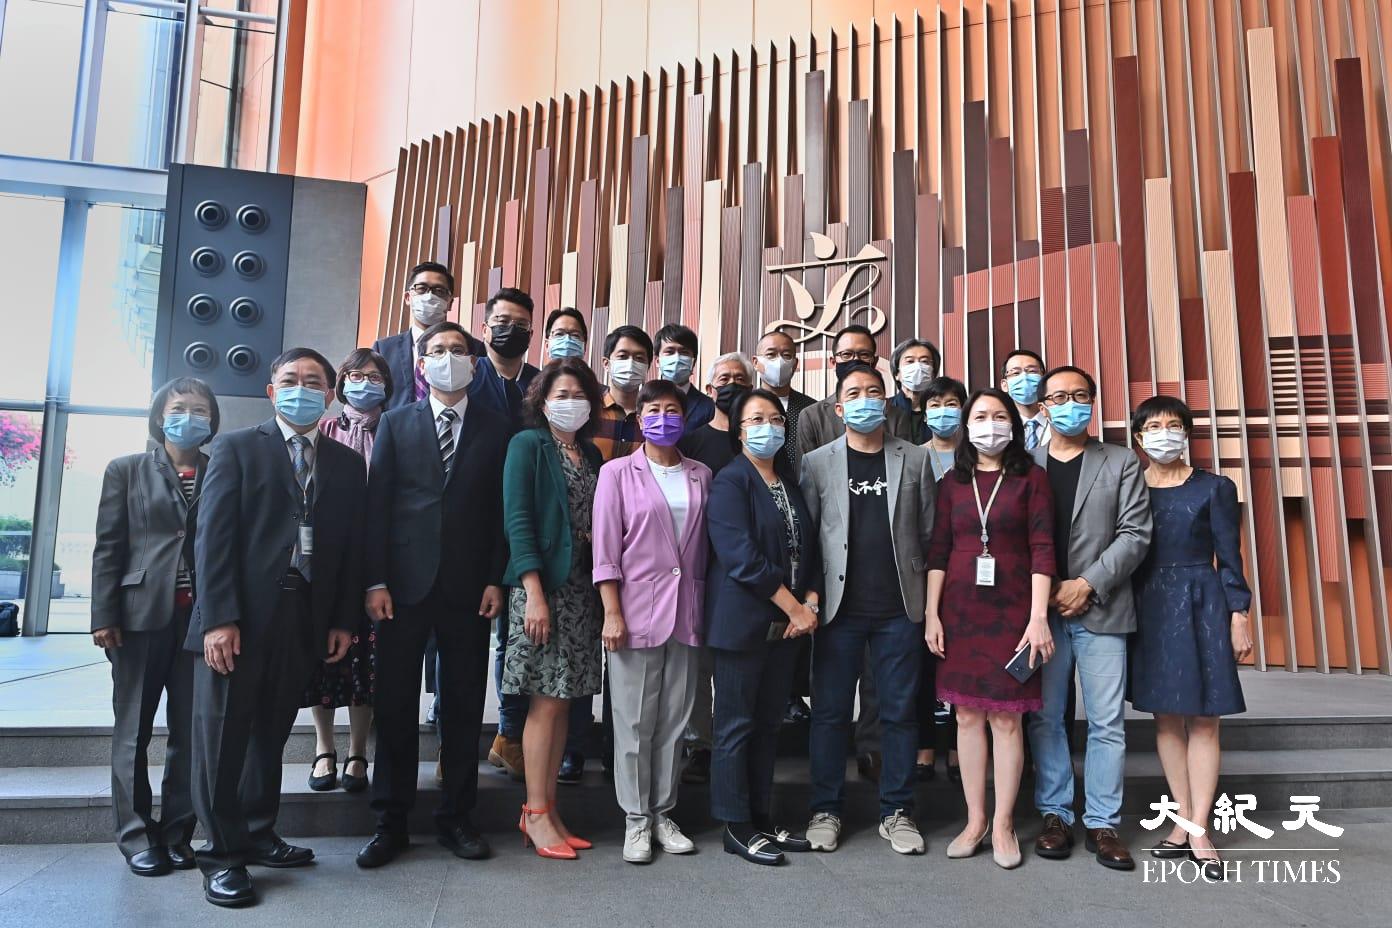 11月27日,部份民主派立法會議員在立法會地下「立」字標誌前拍照留念,並高叫「香港加油」等口號。(宋碧龍/大紀元)